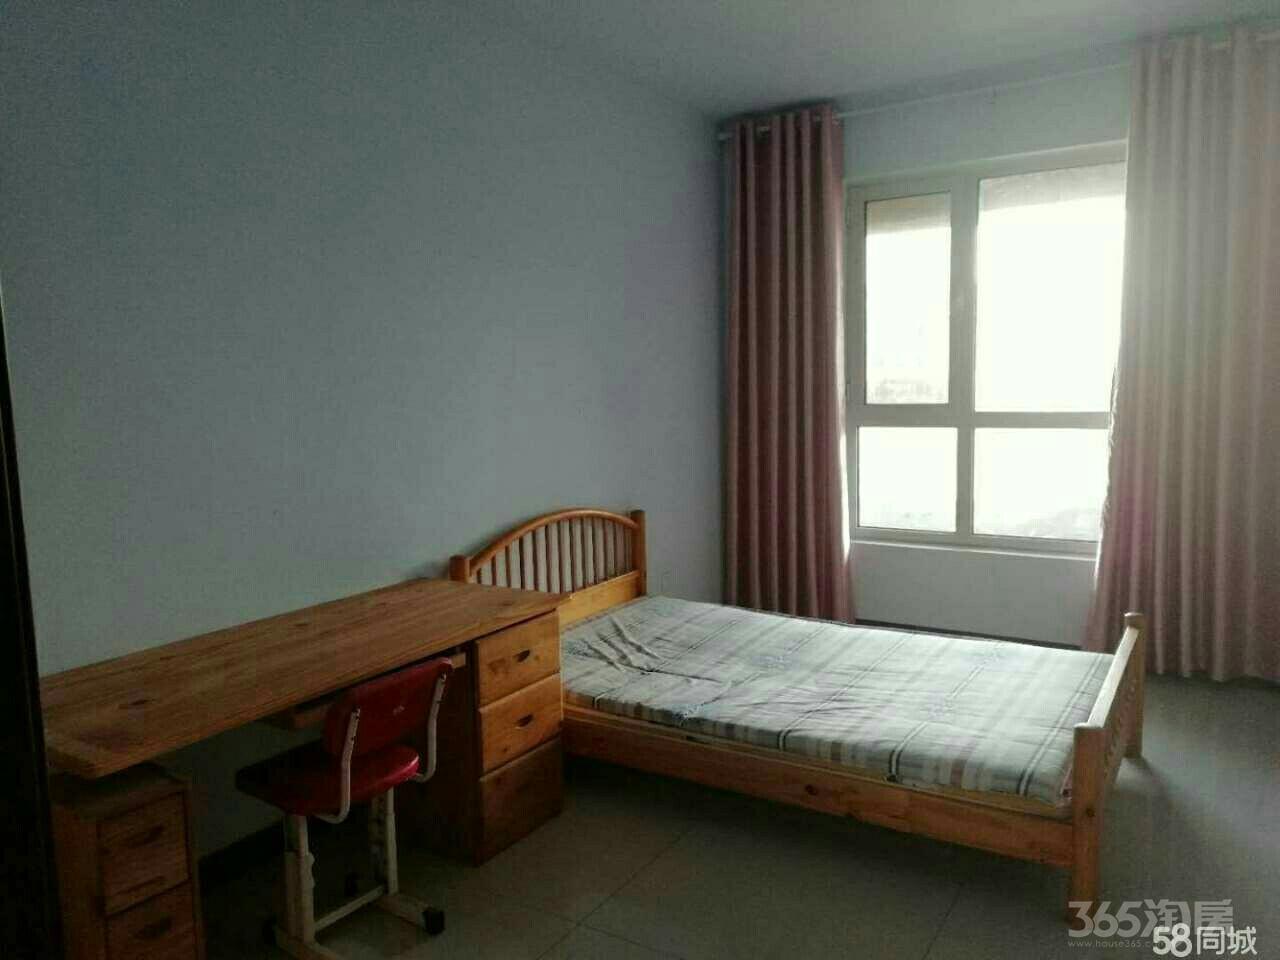 翠湖庄园3室2厅2卫145平米整租简装